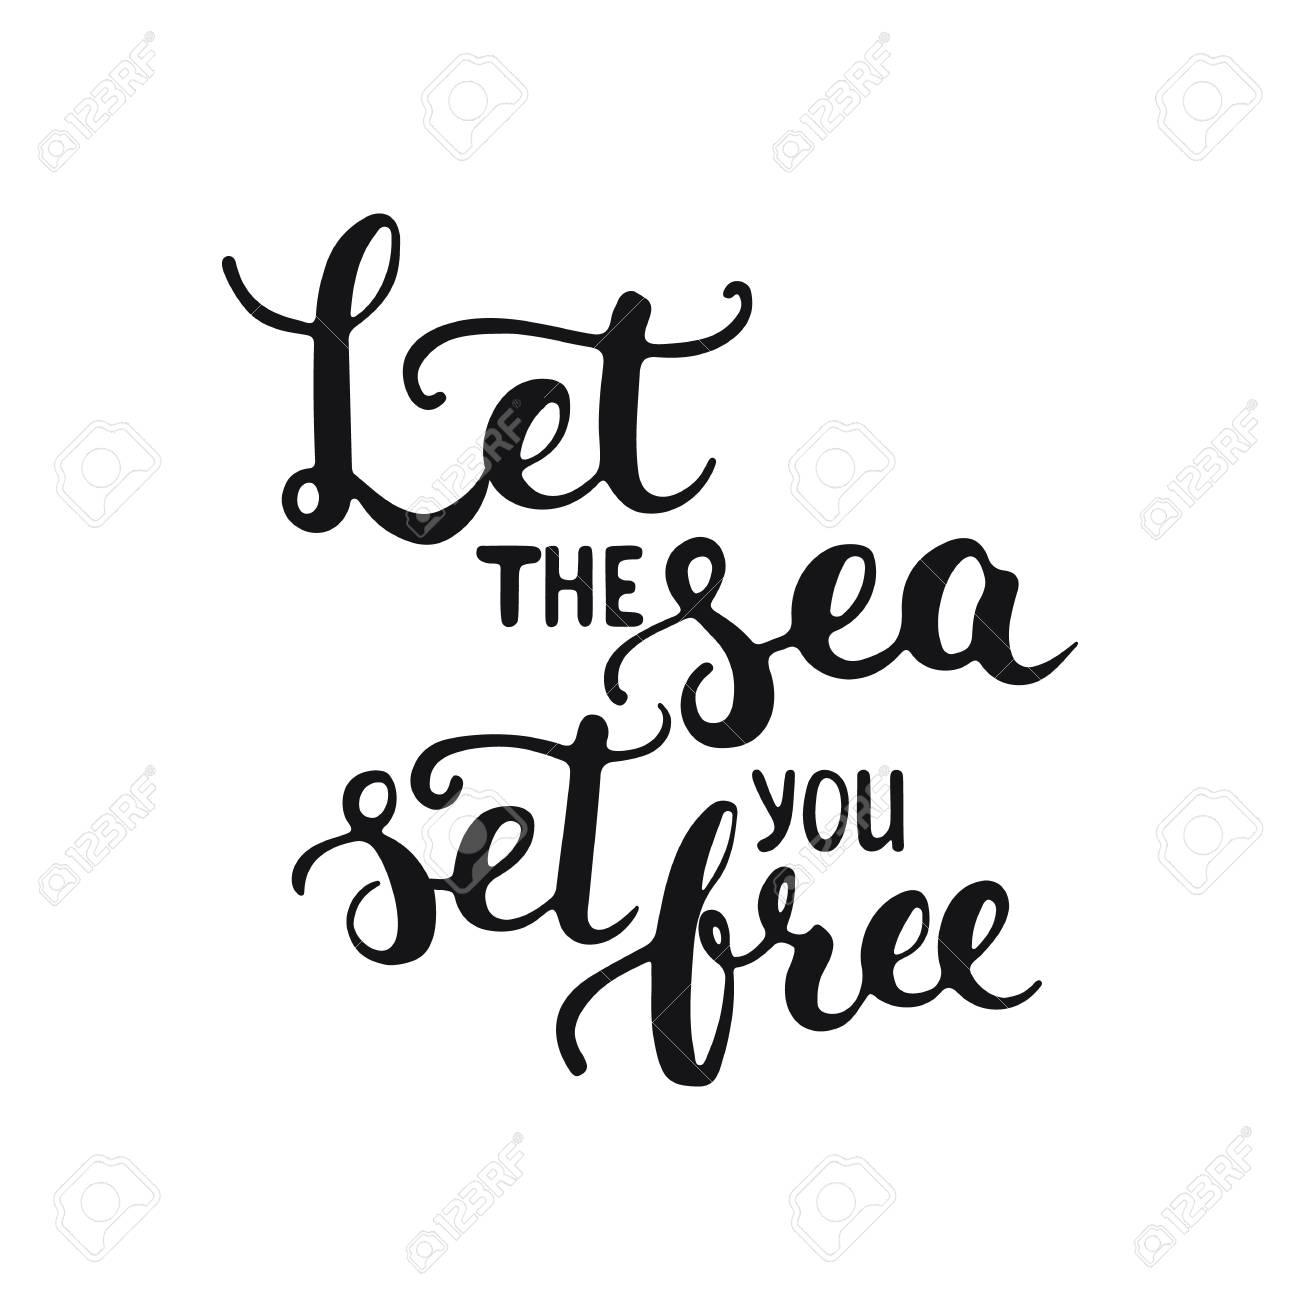 Frase De Letras Tipografía Dibujada A Mano Deja Que El Mar Te Libere Aislado En El Fondo Blanco Caligrafía Moderna Para Tipografía Saludo E